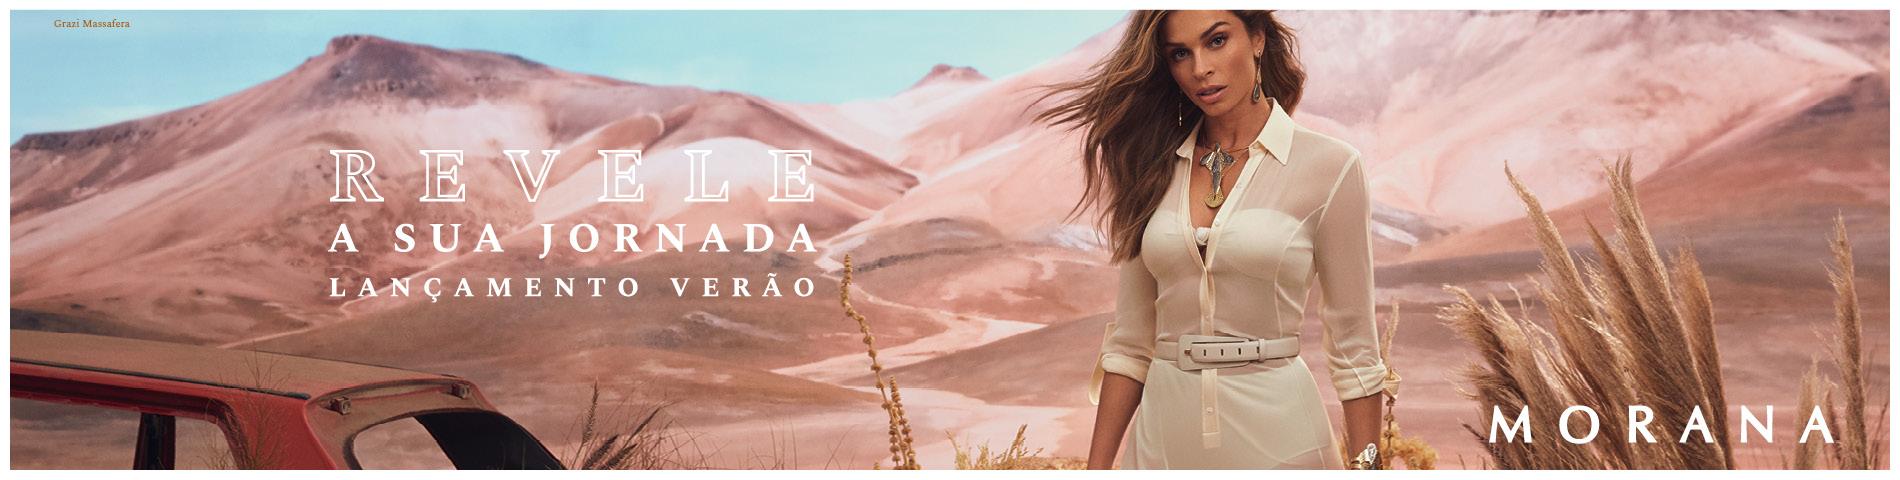 Revele sua jornada - Lançamento Verão com Grazi Massafera -  Morana